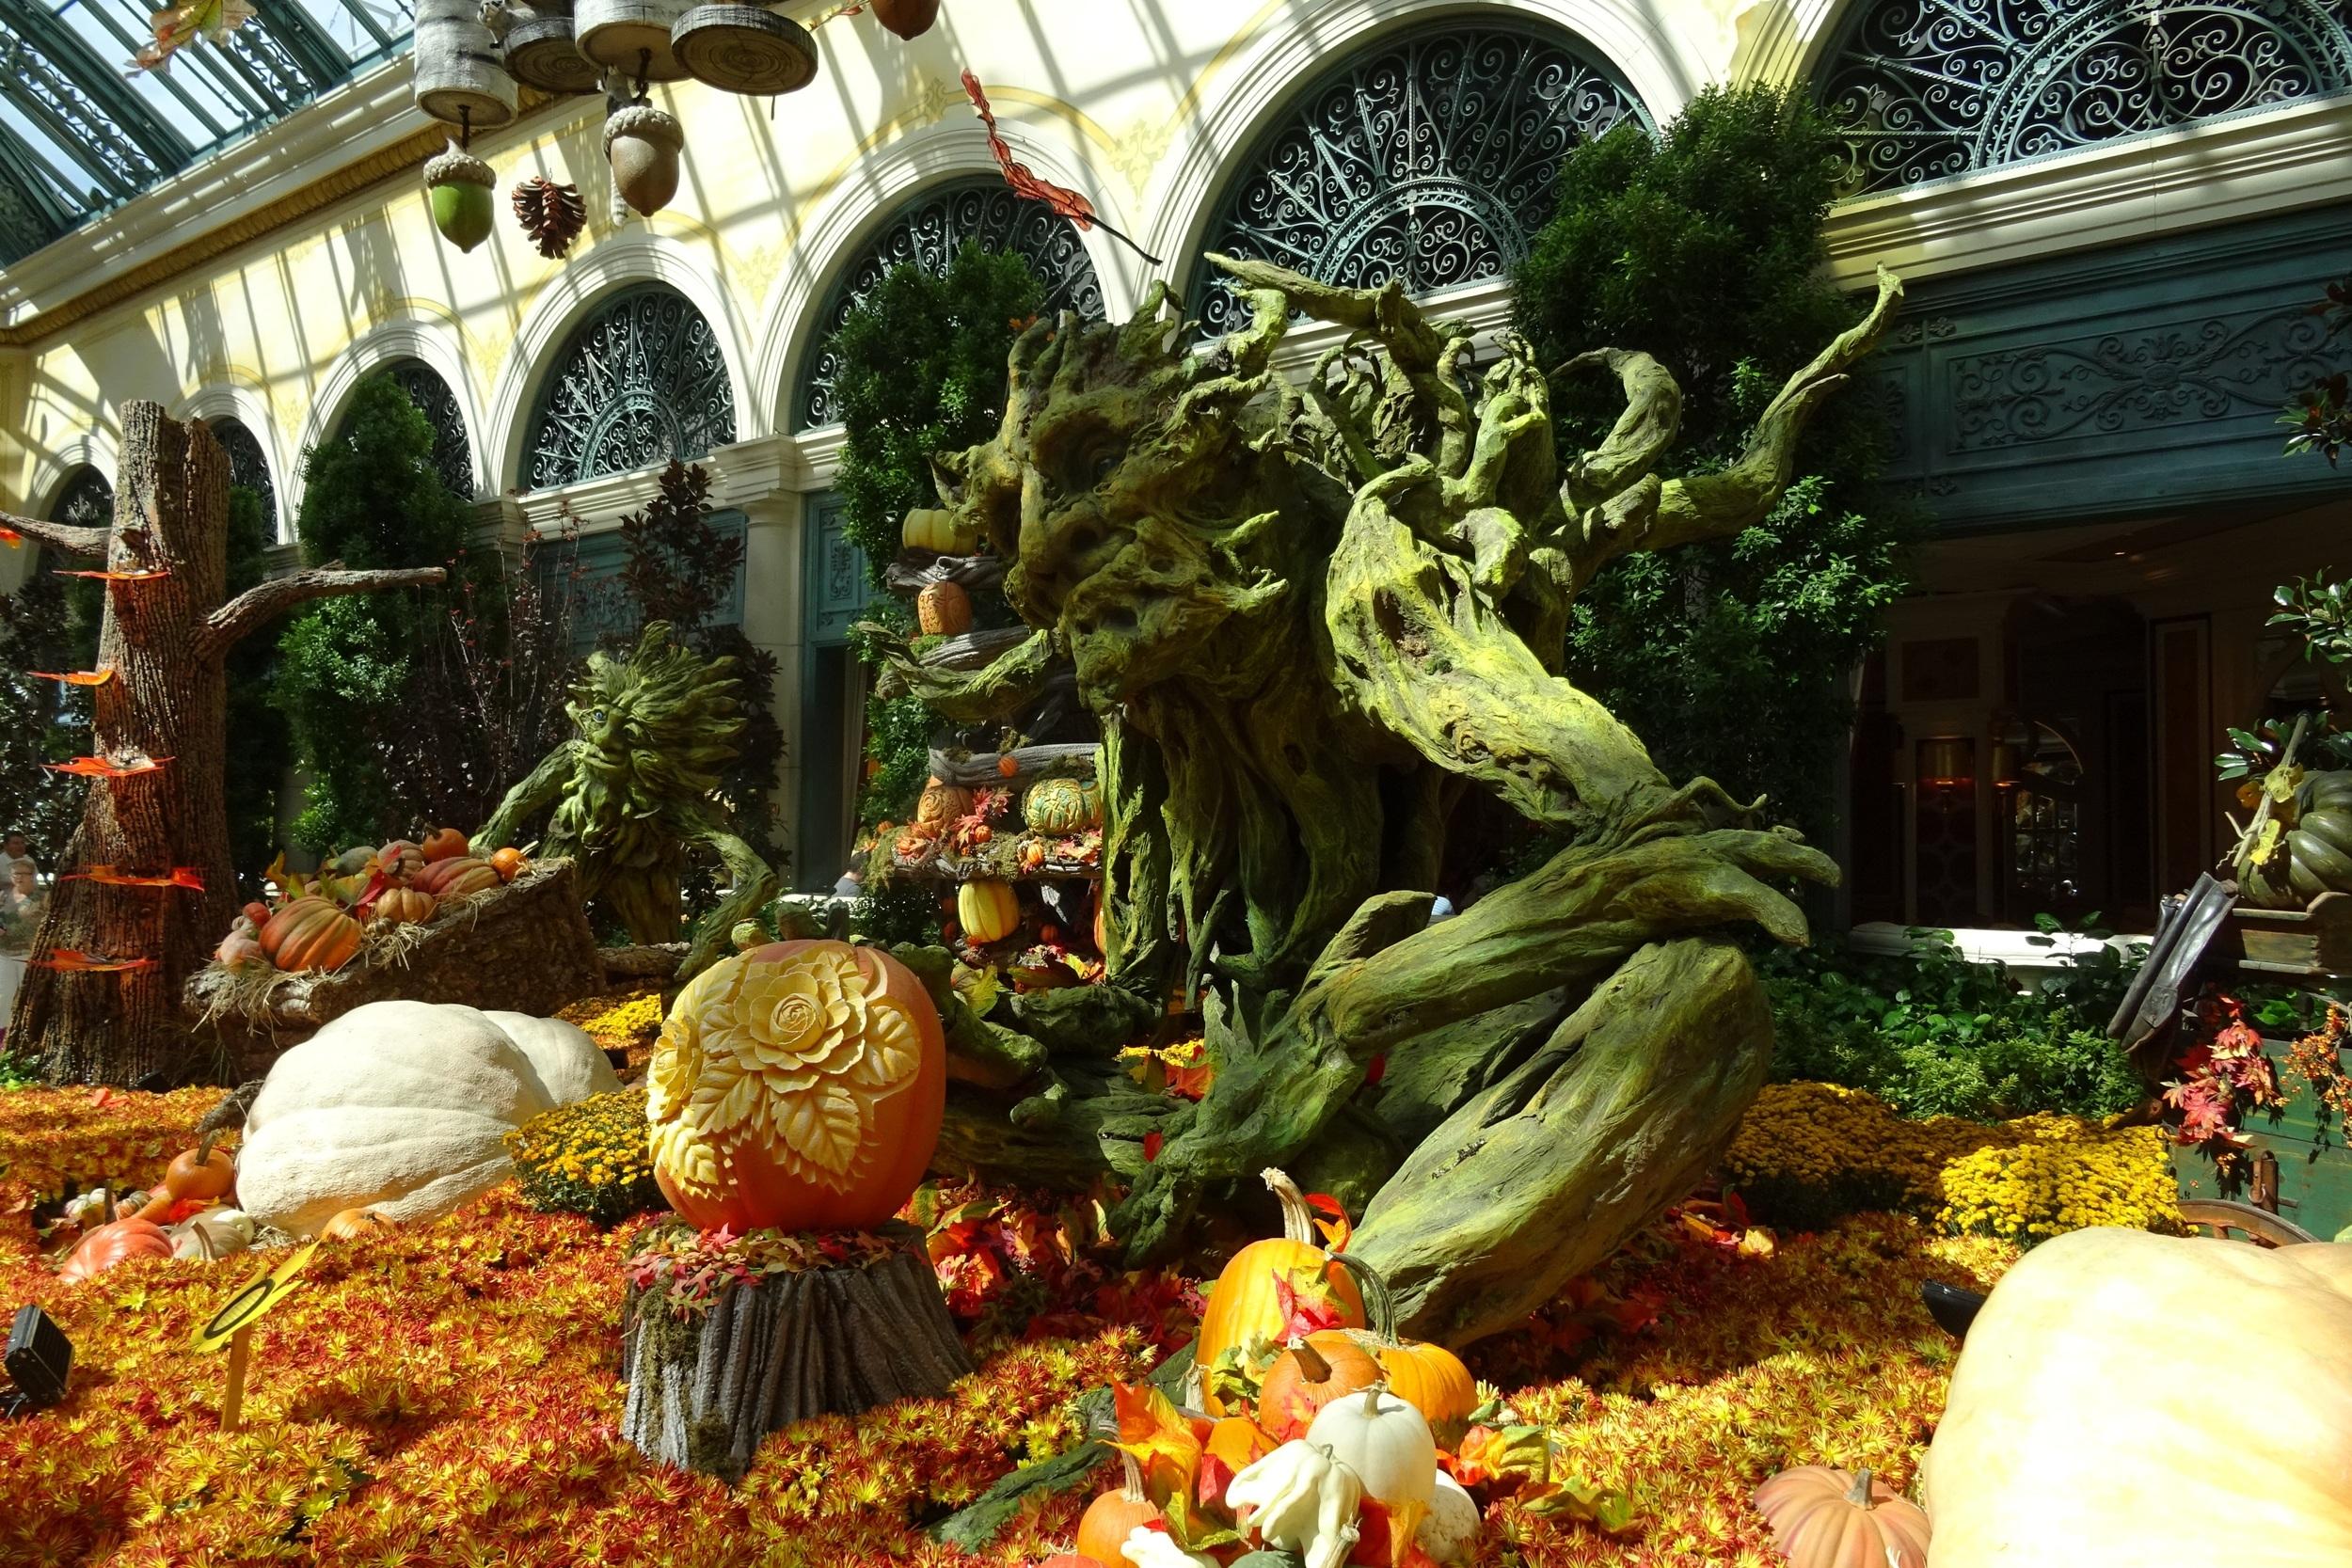 Jeux de decoration de jardin beautiful alina le for Garden statues las vegas nv